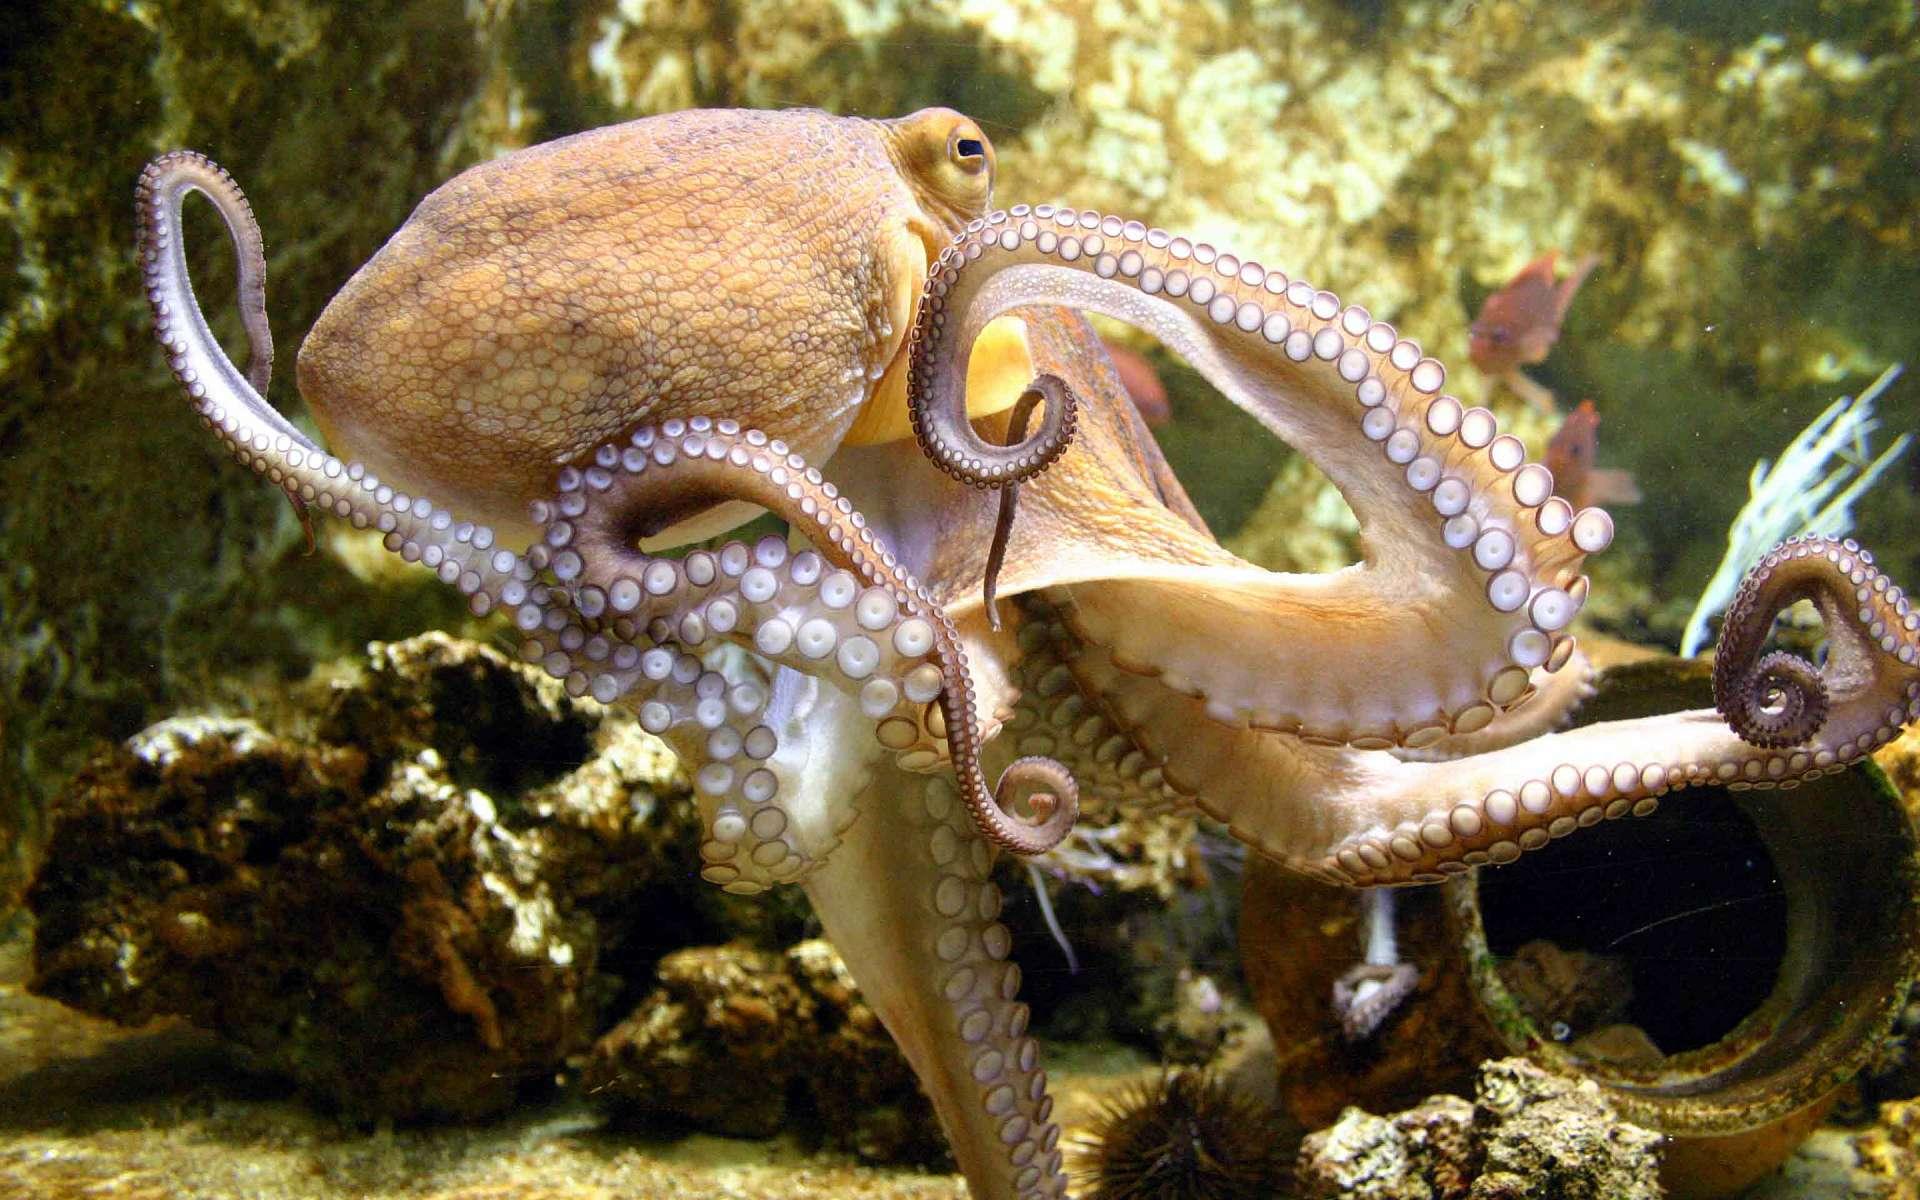 Осьминоги издавна интересовали человека, ине только как предмет гастрономии. Вусловиях скудных знаний об окружающем мире они когда-то вдохновляли богатое воображение авторов историй об ужасных морских чудищах, пример— легенды оКракене. Сейчас люди получают информацию об осьминогах, исследуя их методами современной науки. Идействительность заметно сложнее иинтереснее вымысла.